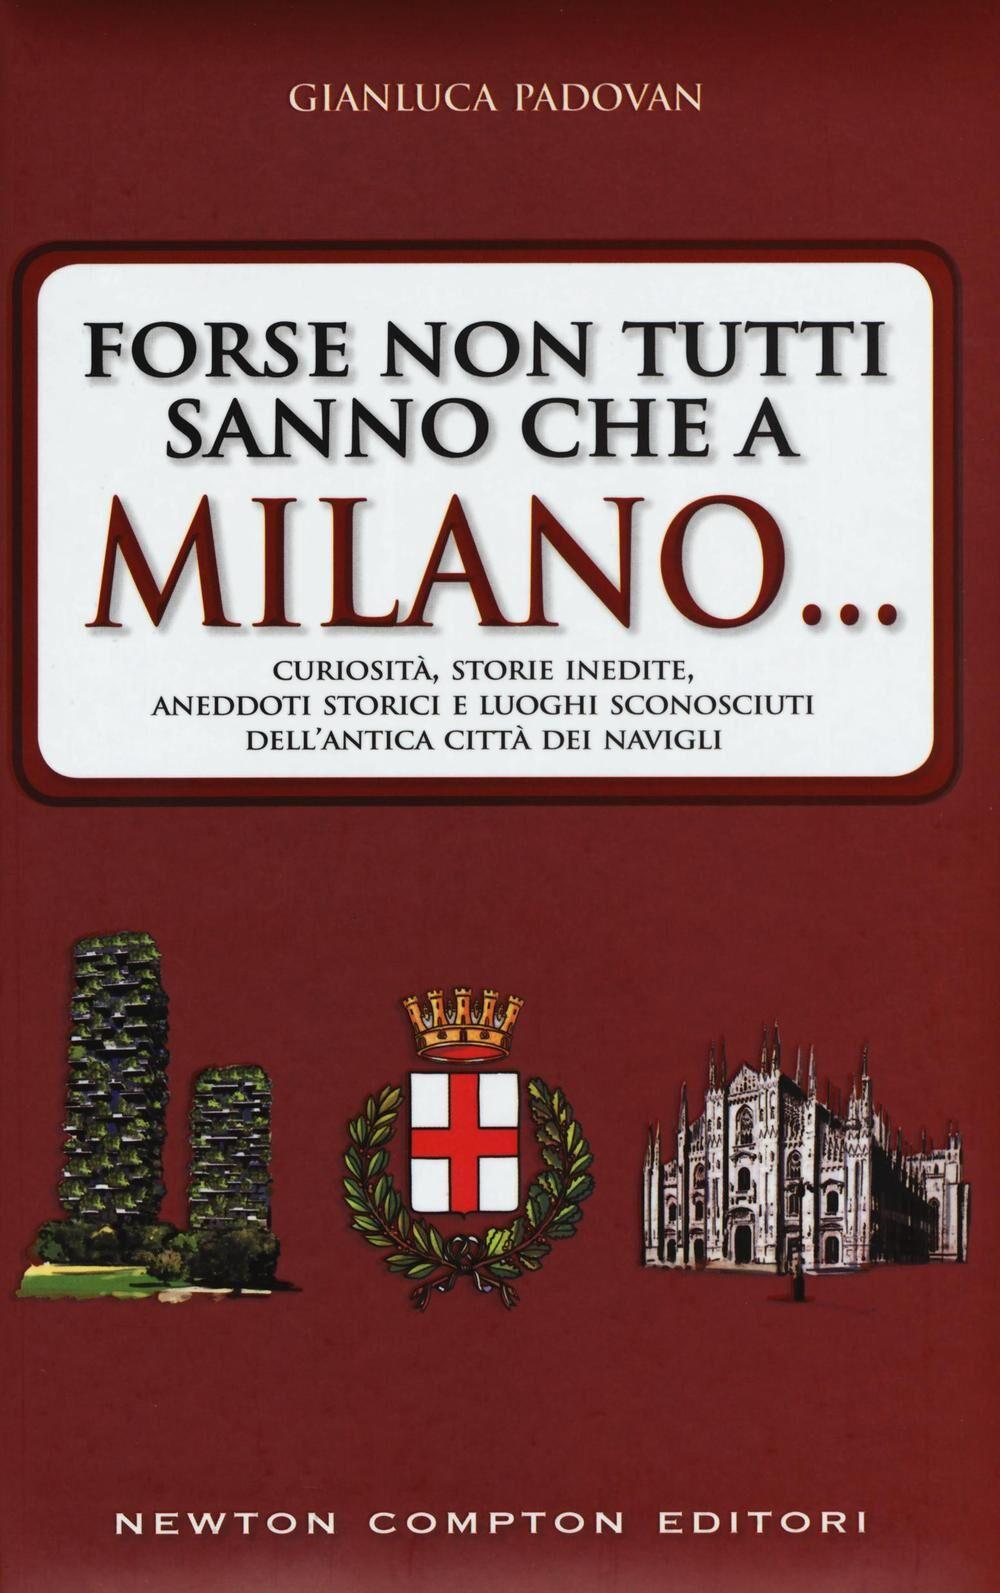 Forse non tutti sanno che a Milano... curiosità, storie inedite, aneddtti storici e luoghi sconosciuti dell'antica città dei Navigli